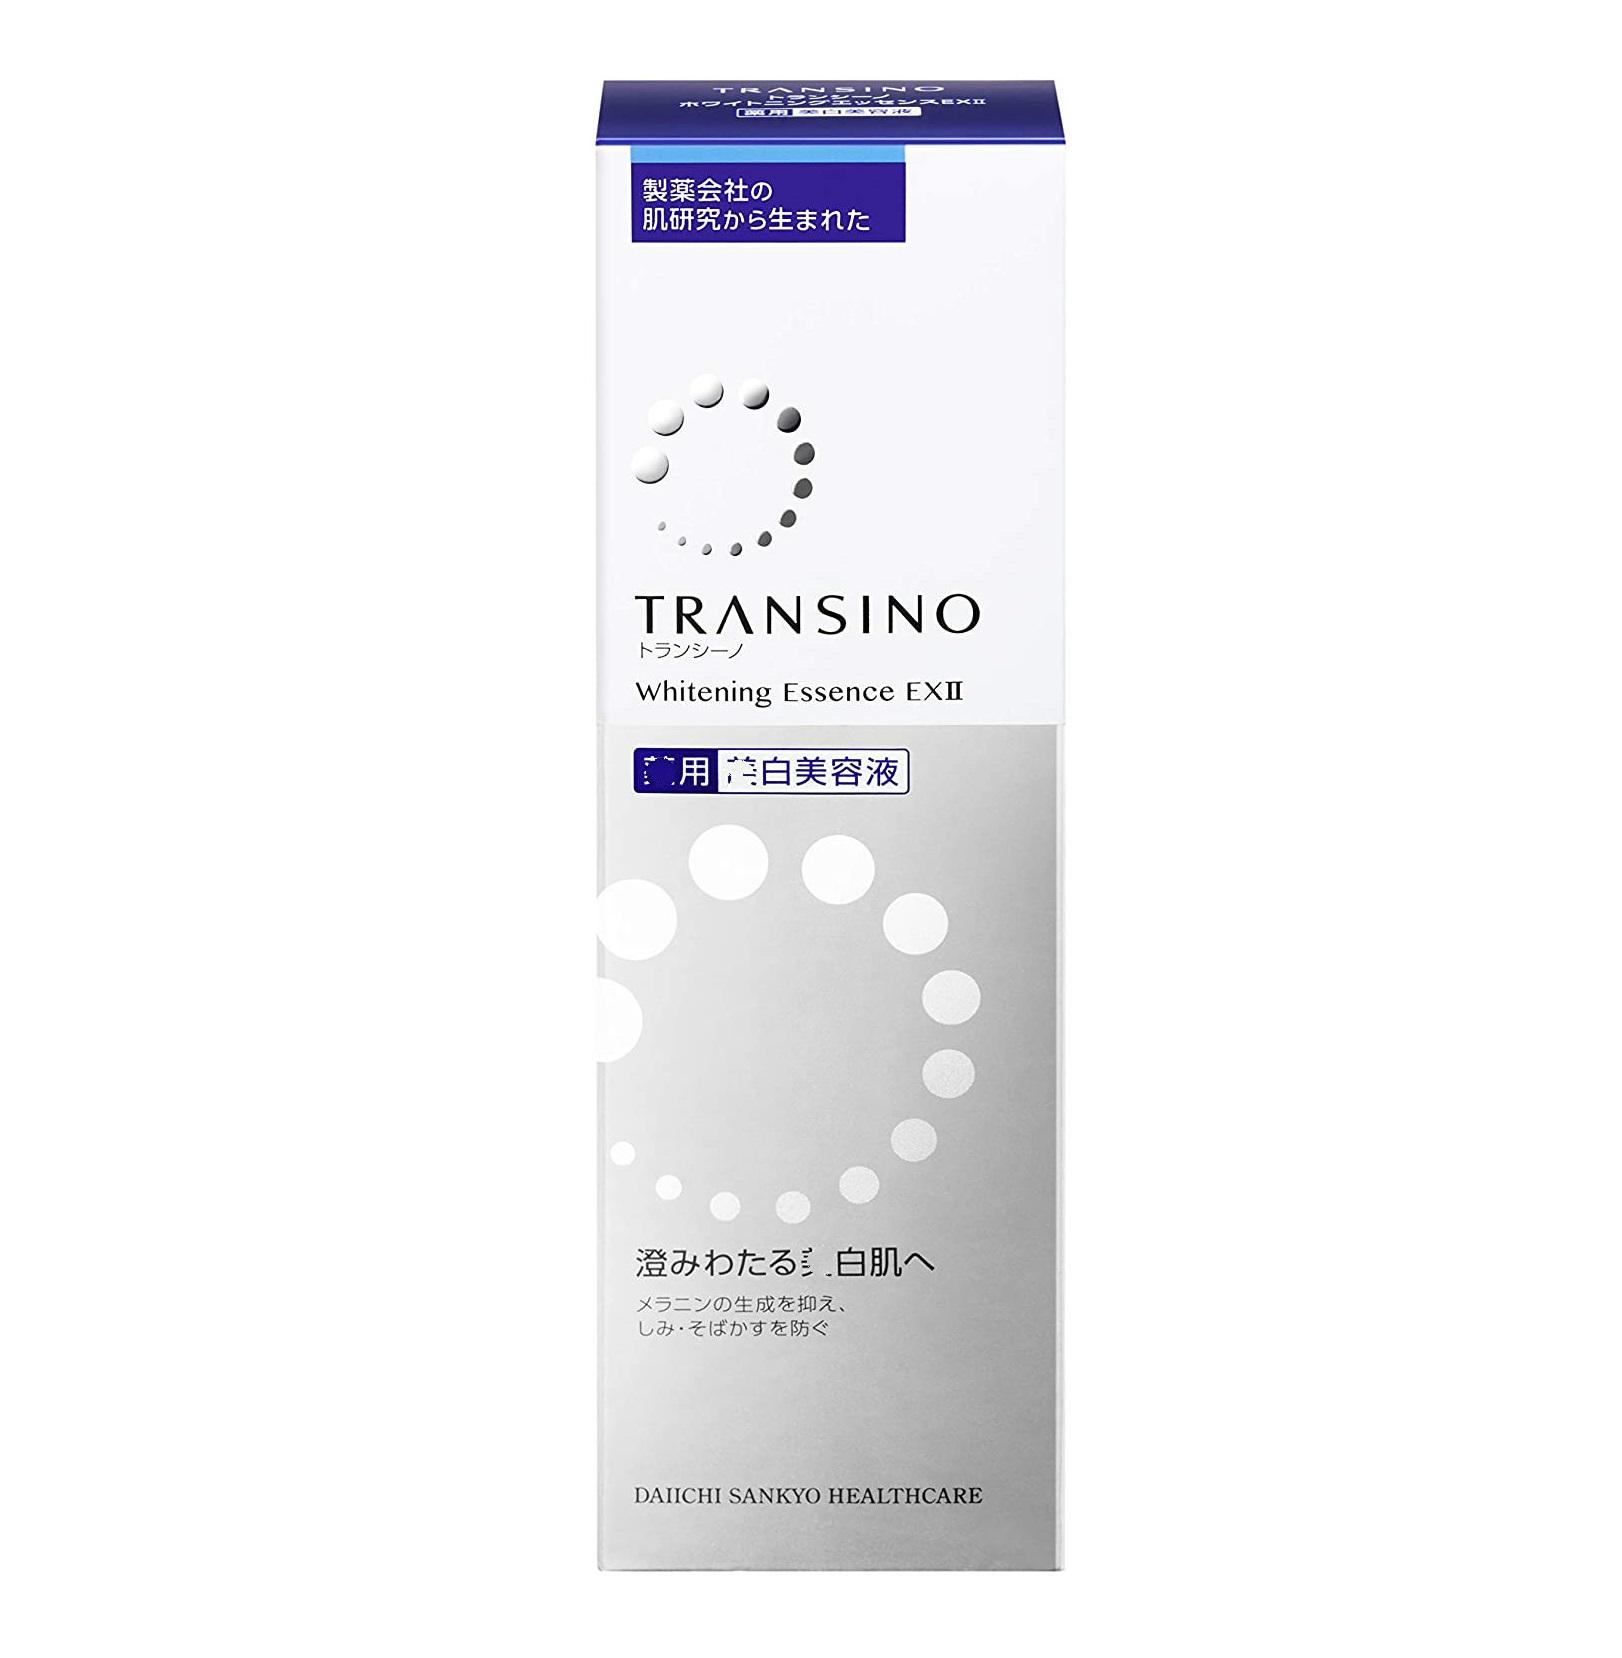 現貨!日本原裝Transino 美容液30g/50g 保濕過傳明酸無色素無香料敏感美麗膠原蛋白